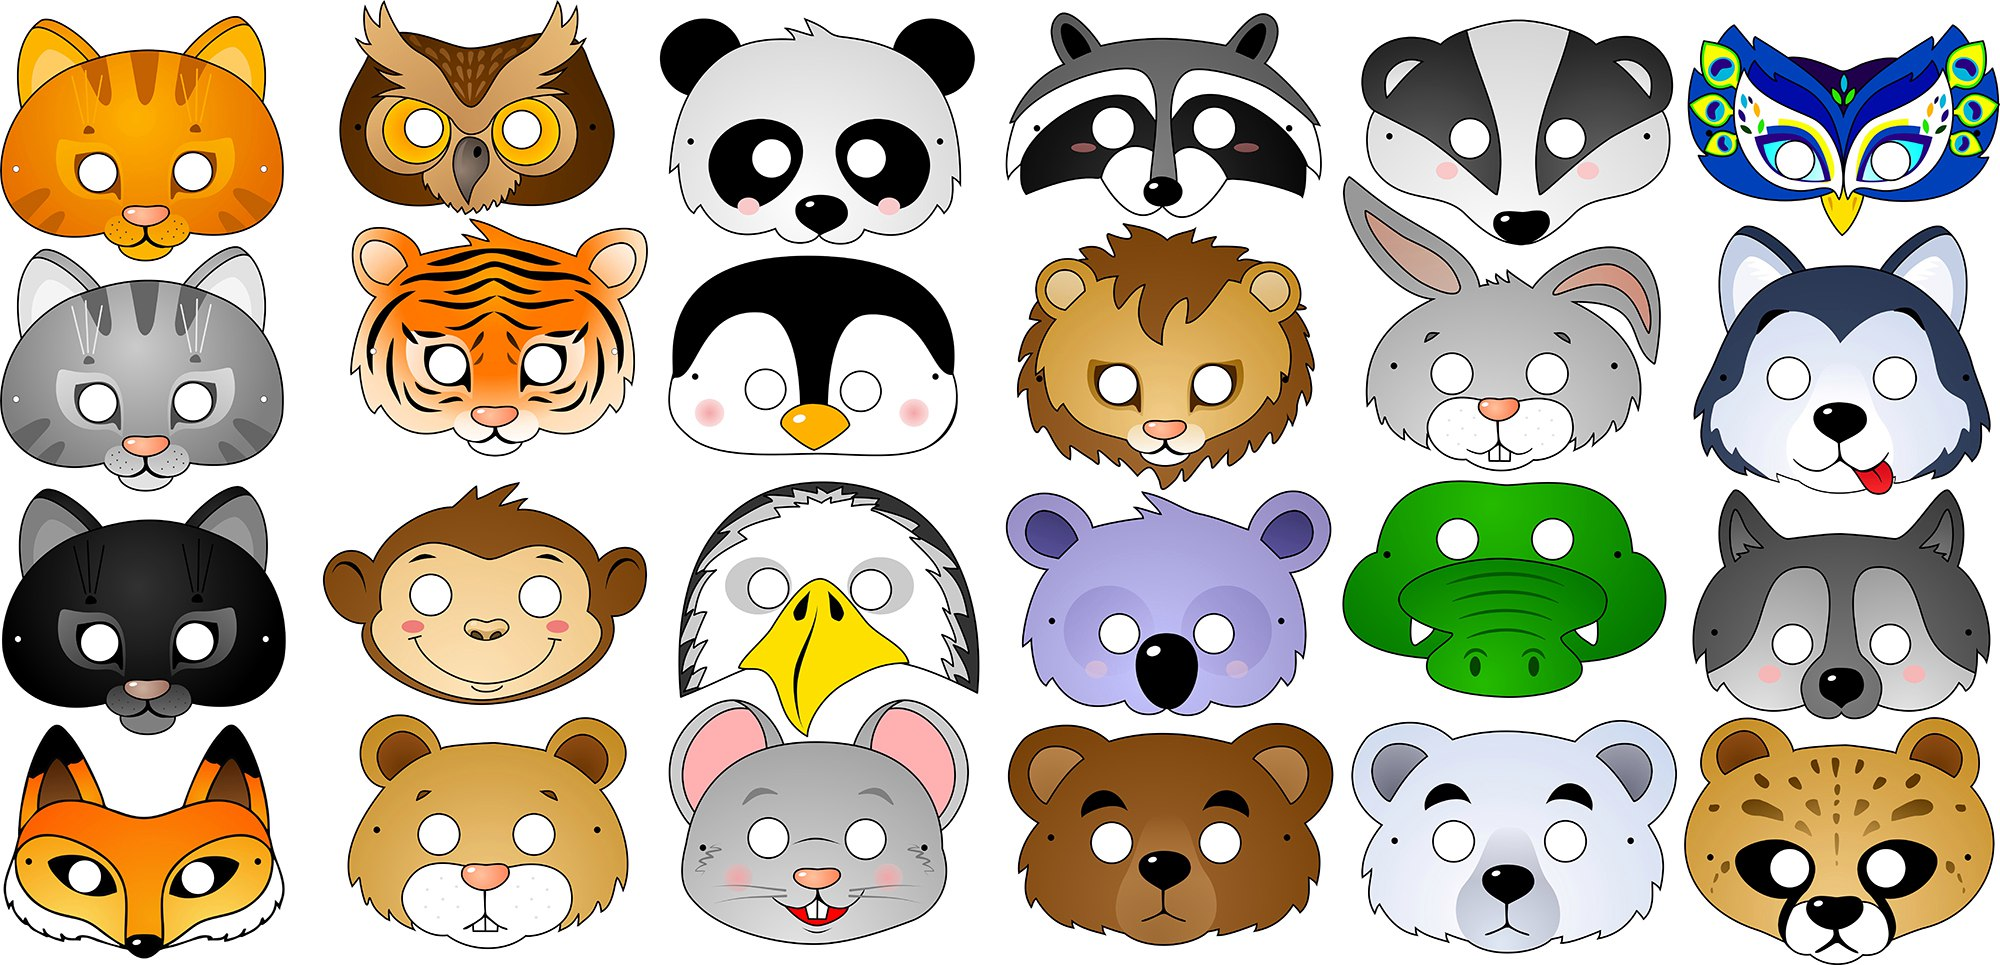 Мордочки животных картинки для детей, юбилеем мужчине